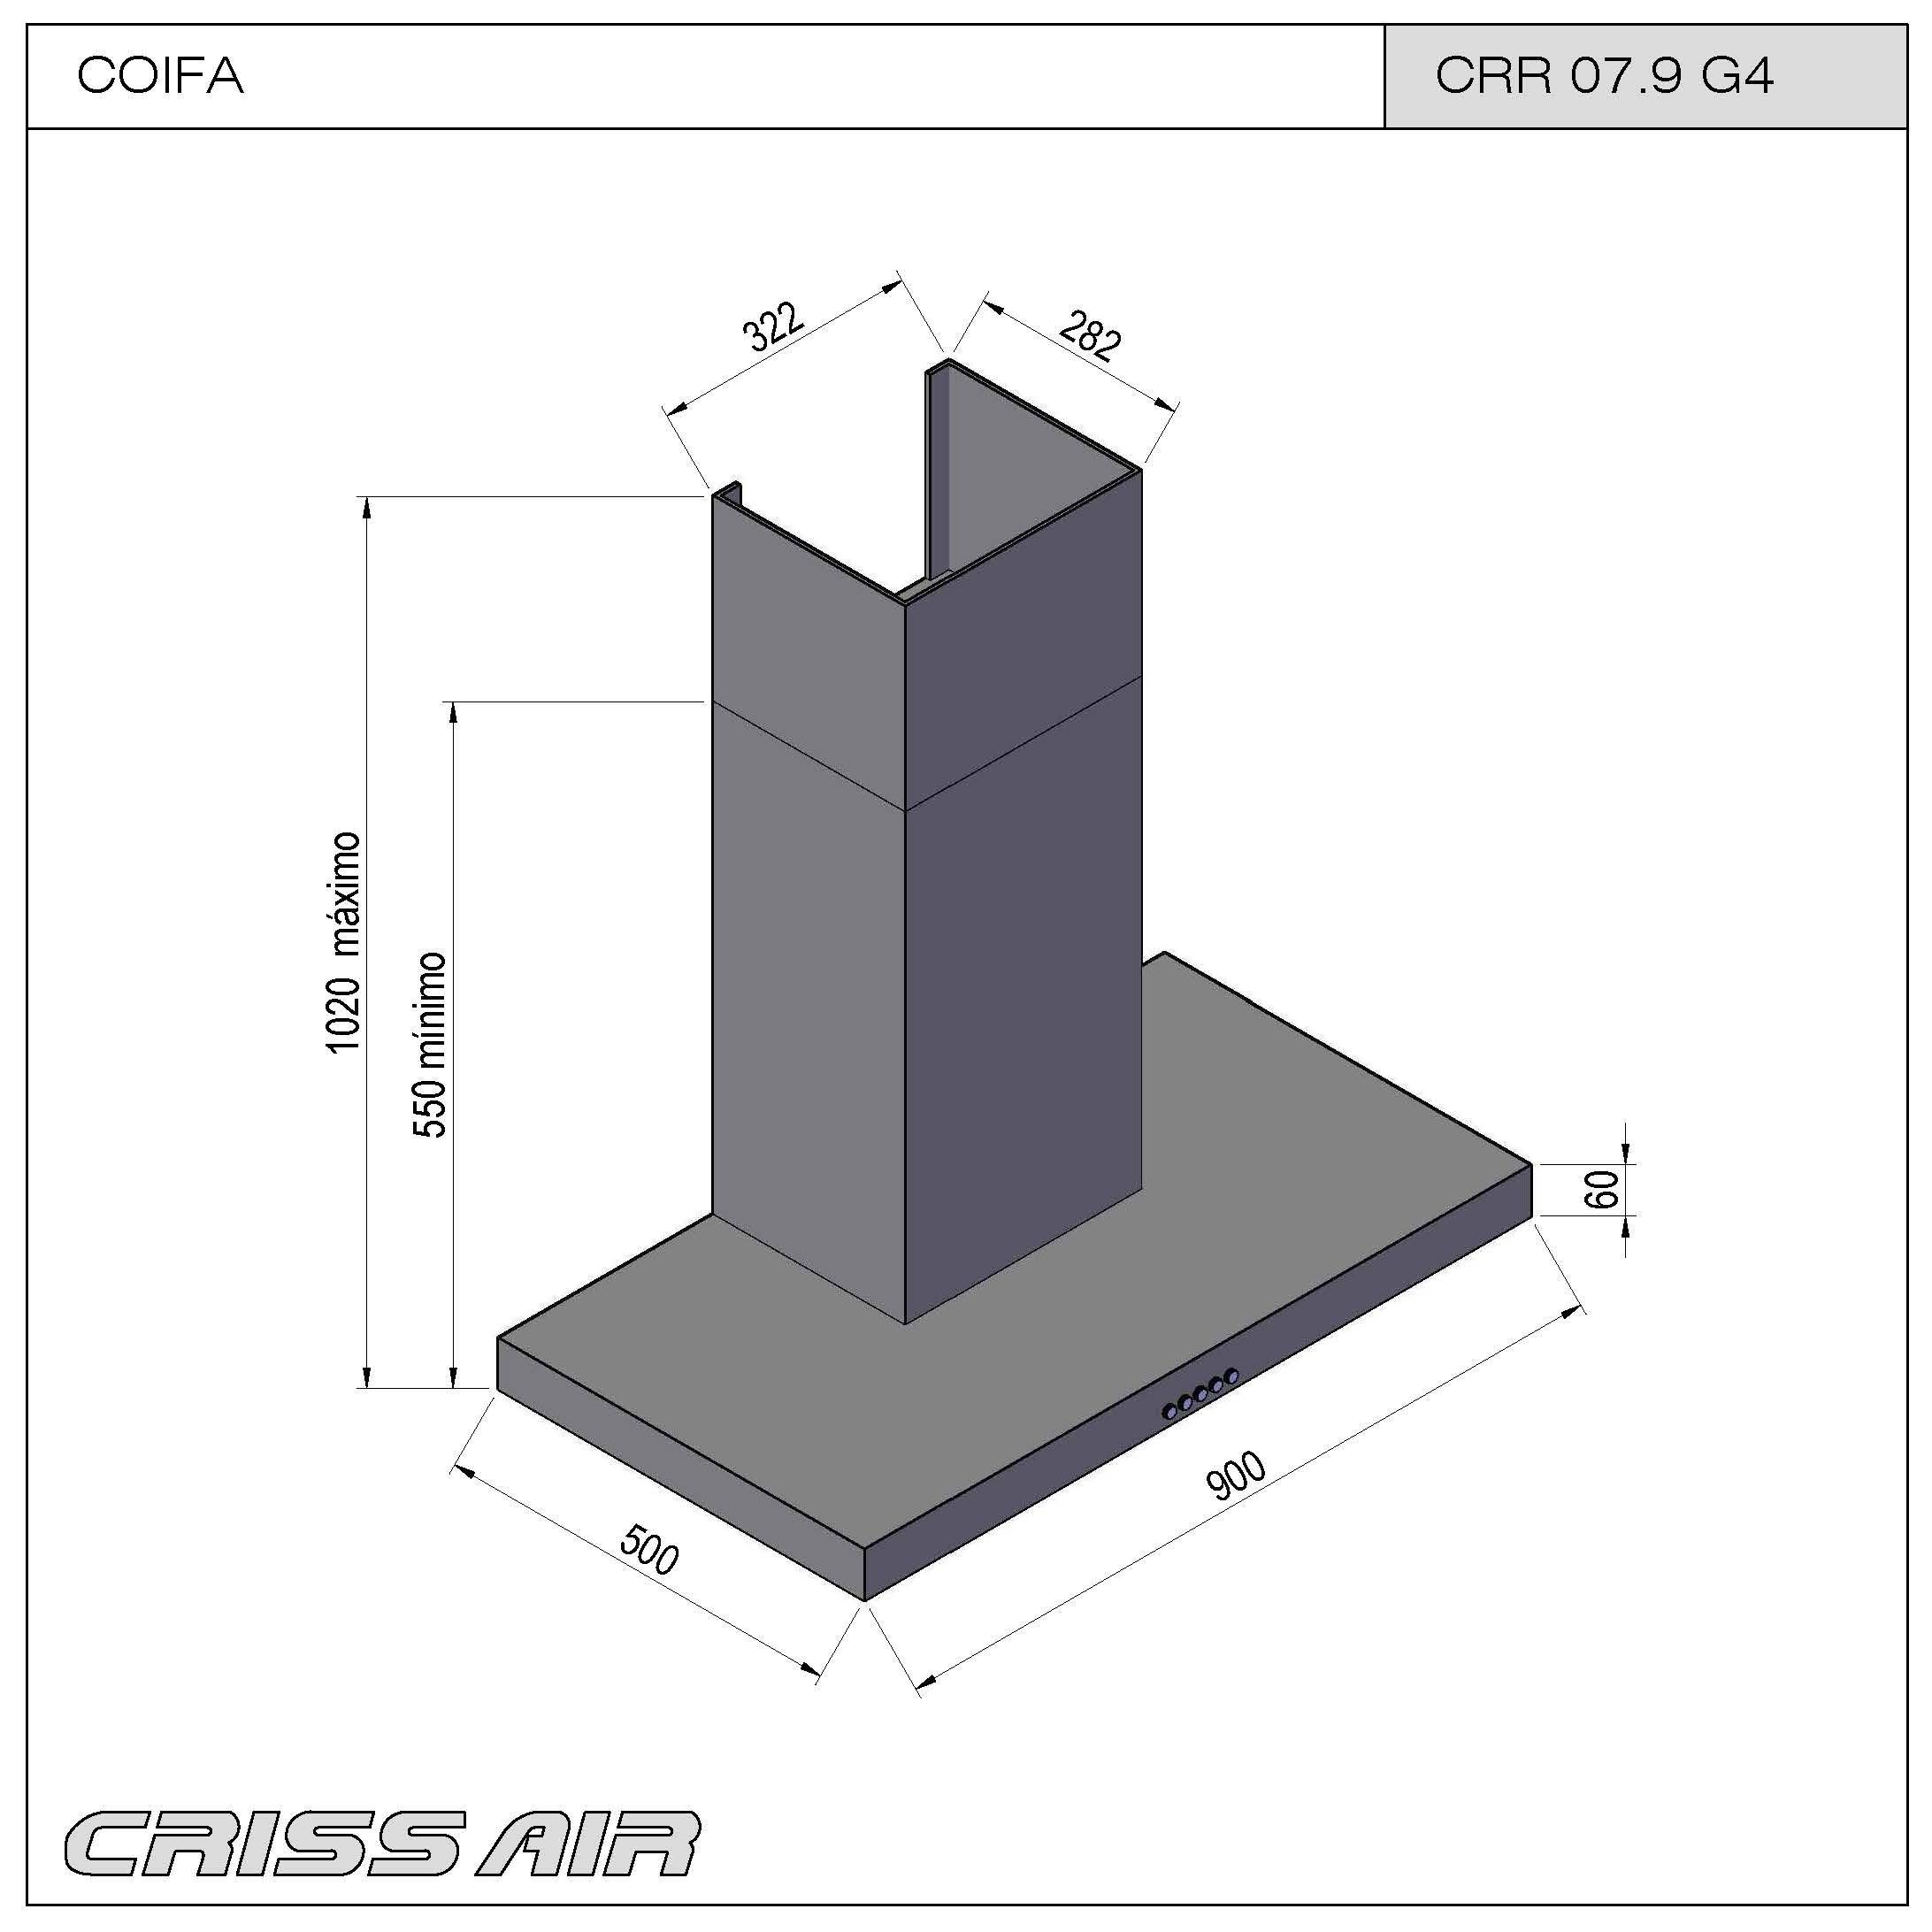 Coifa de Parede CRR 07.9 G4